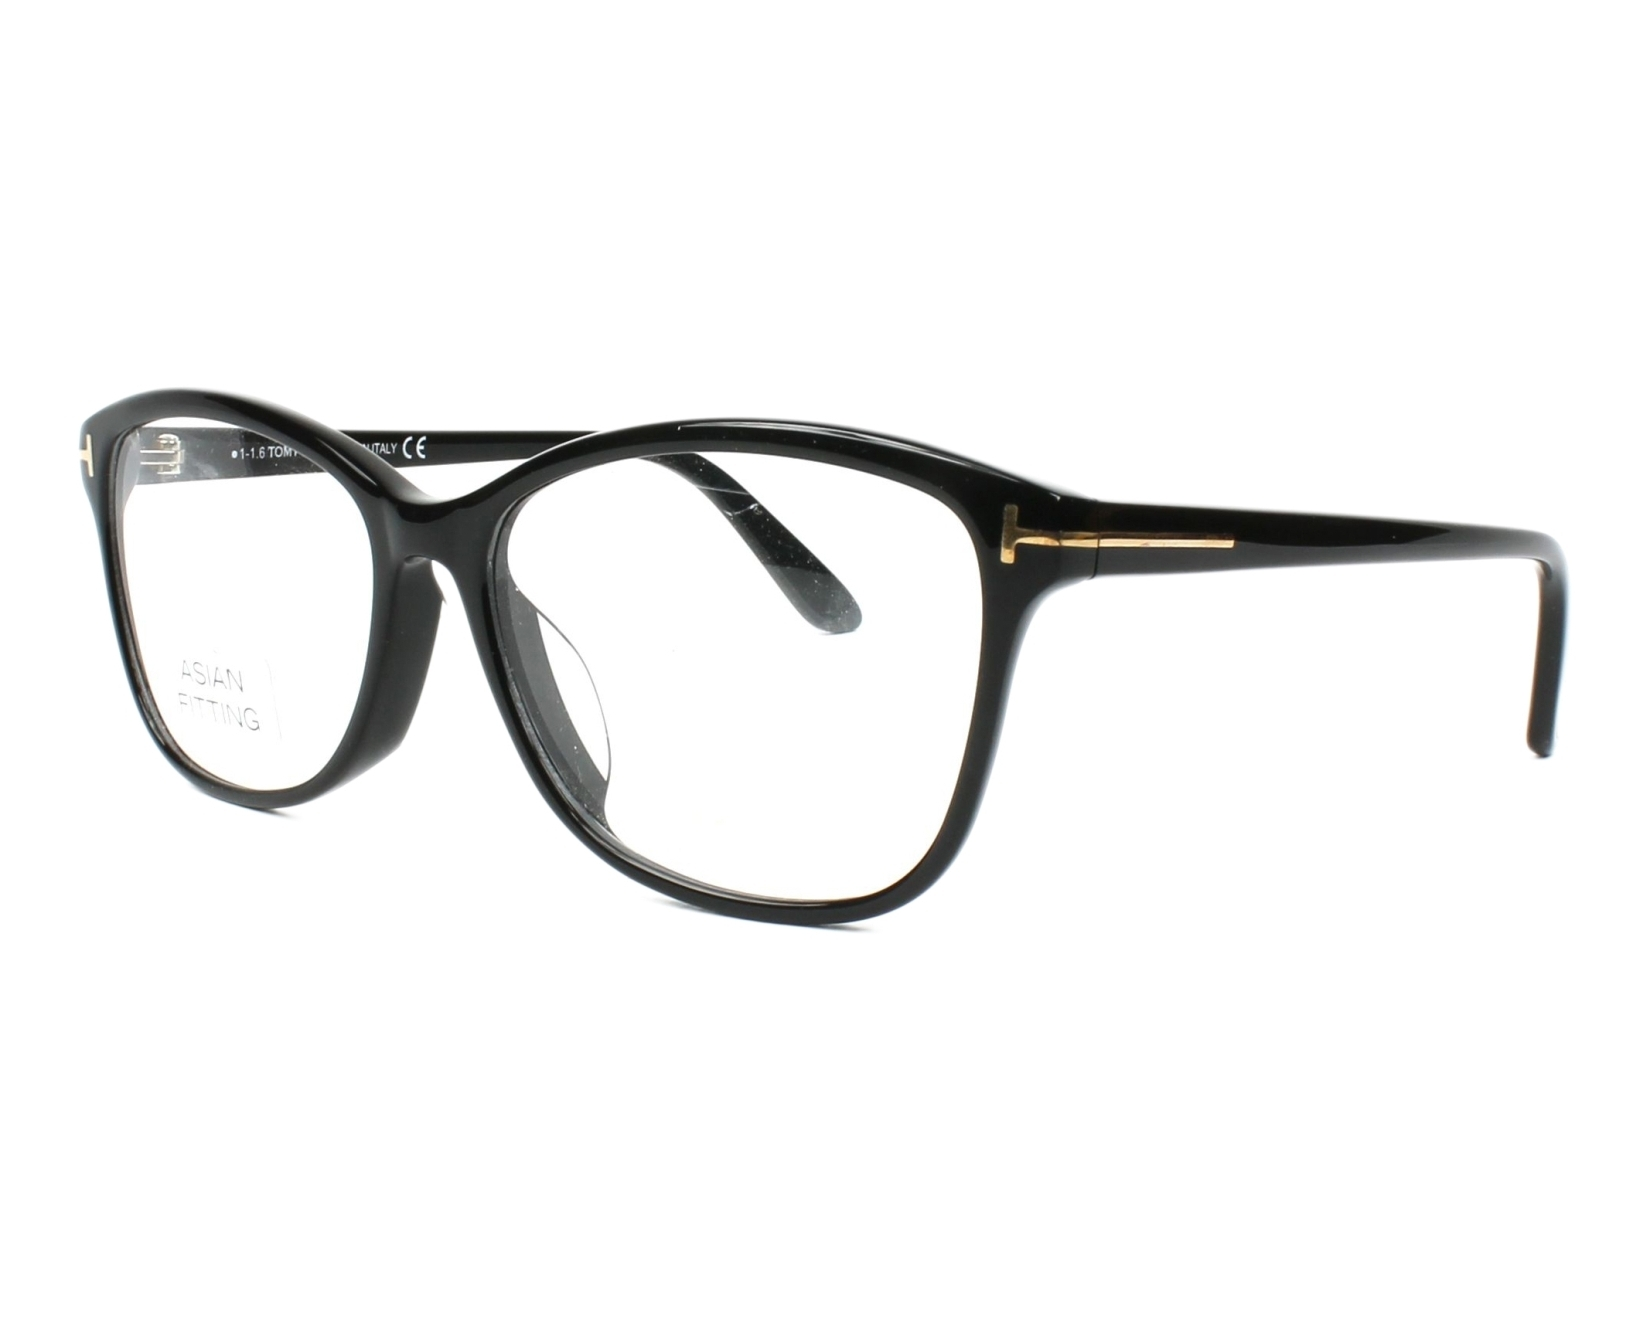 1ca3a1ed019280 Lunettes de vue Tom Ford TF-5404 001 - Noir vue de profil